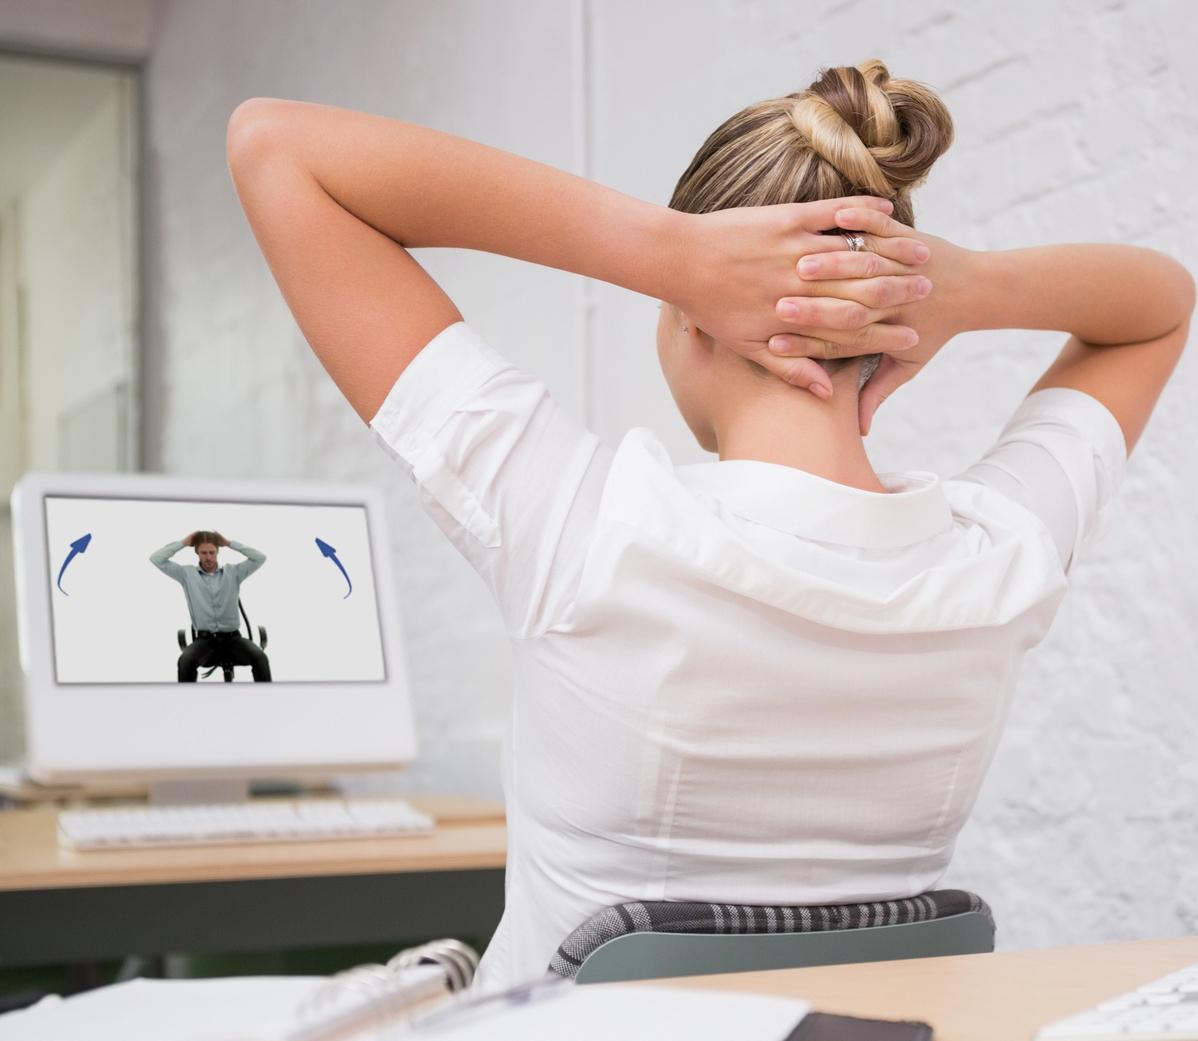 Digitale BGM-Plattform bietet Rückengesundheit am Arbeitsplatz